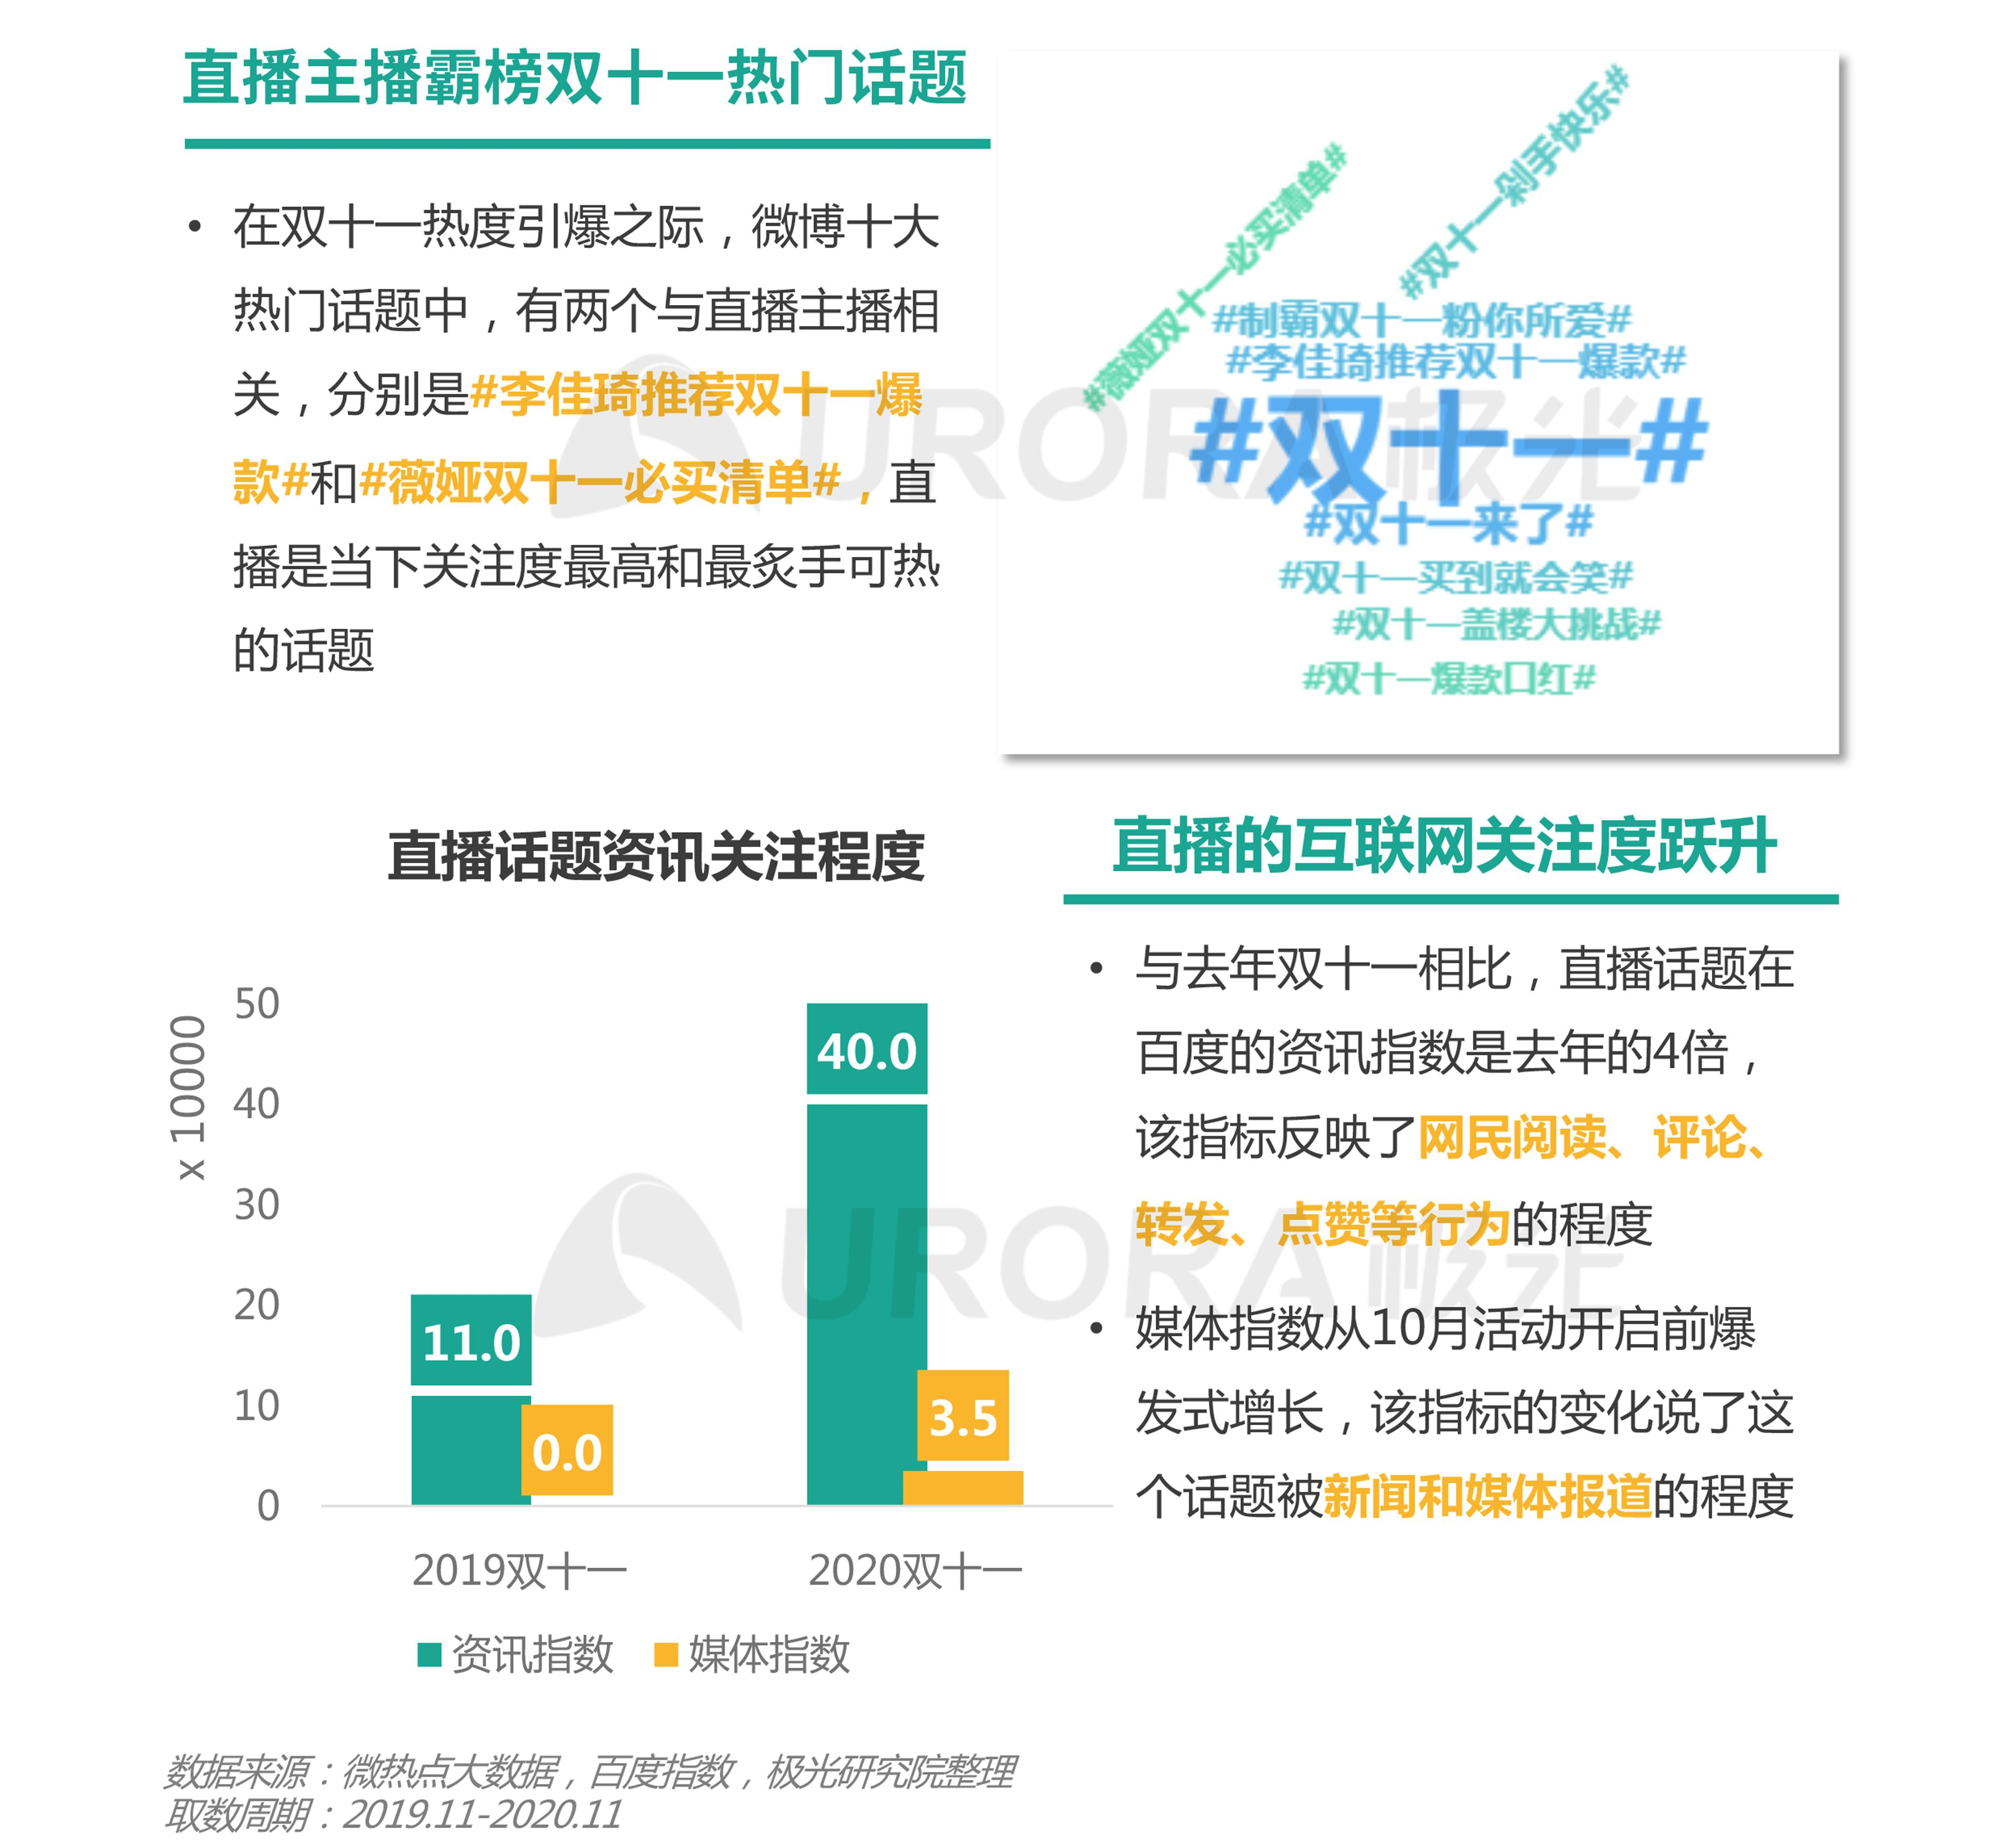 极光:双十一电商报告 (12).png